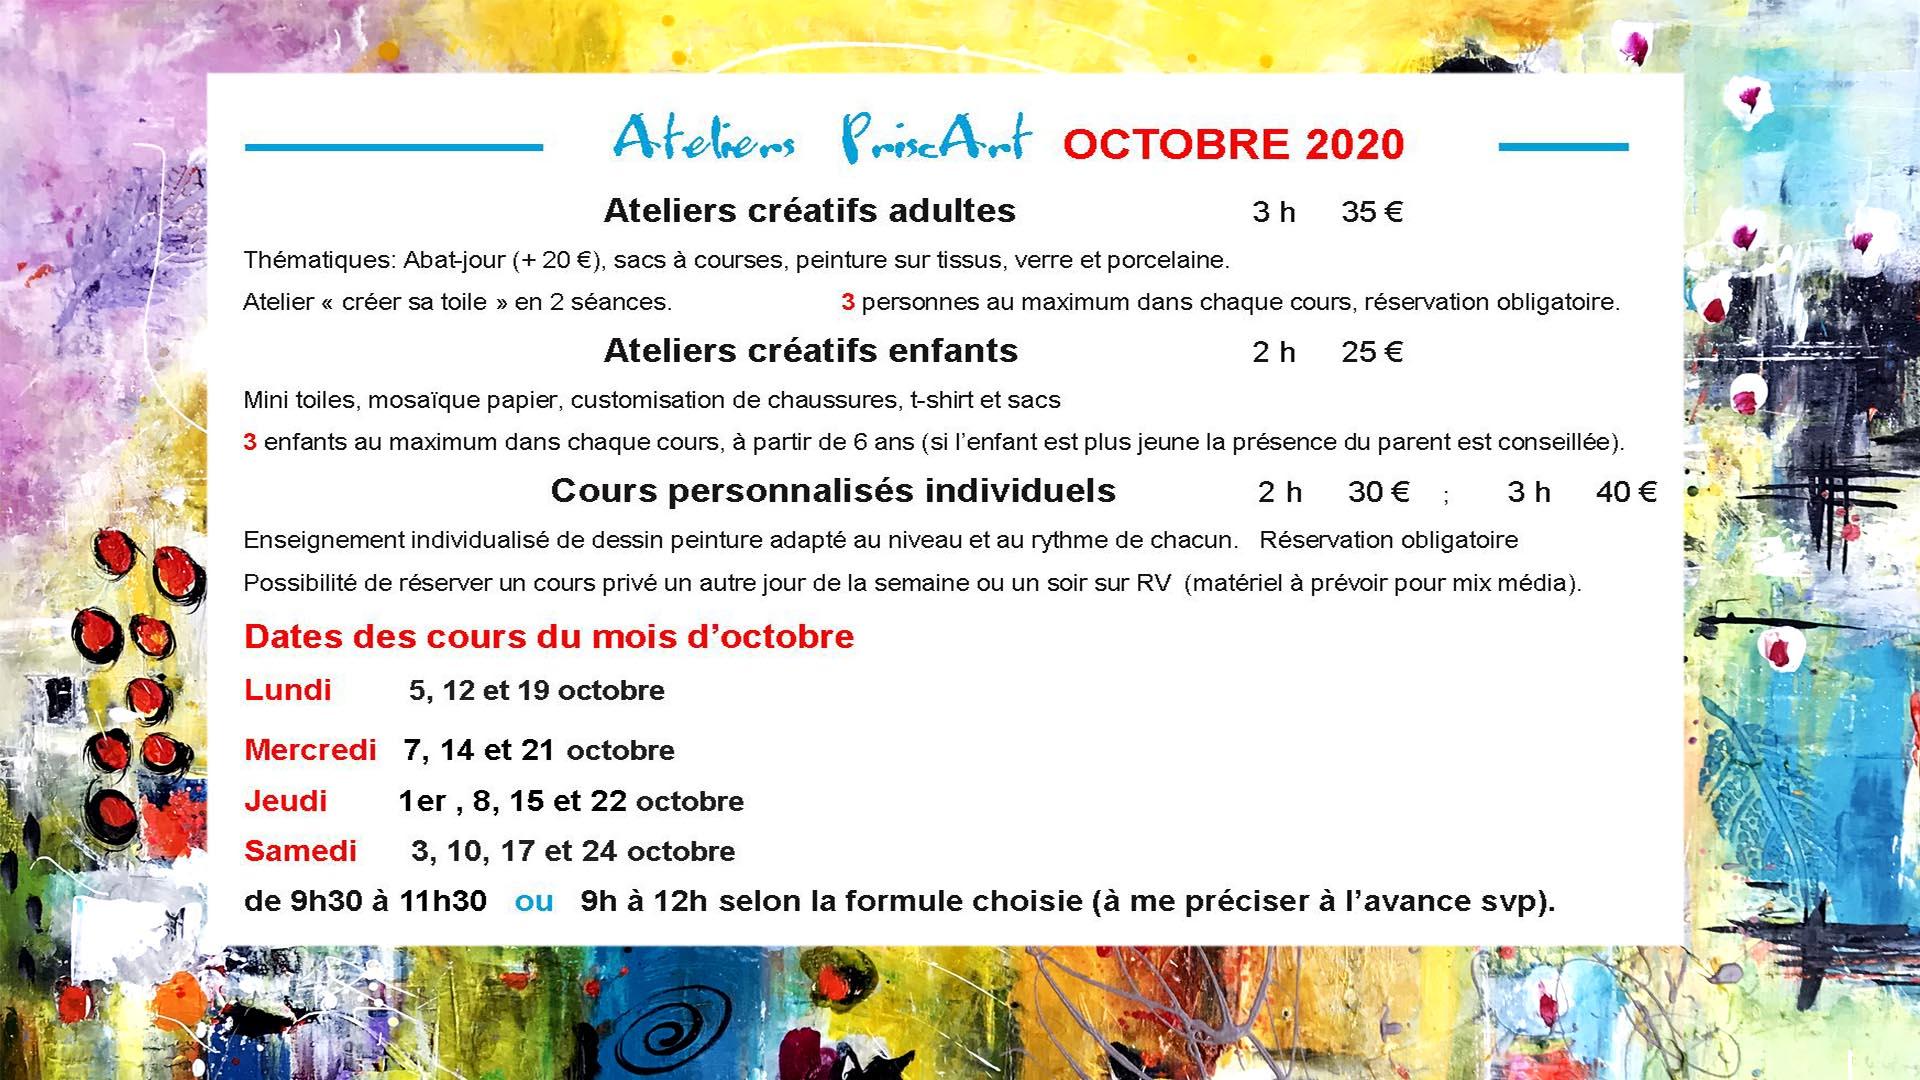 BANNIERE ATELIERS OCTOBRE  2020